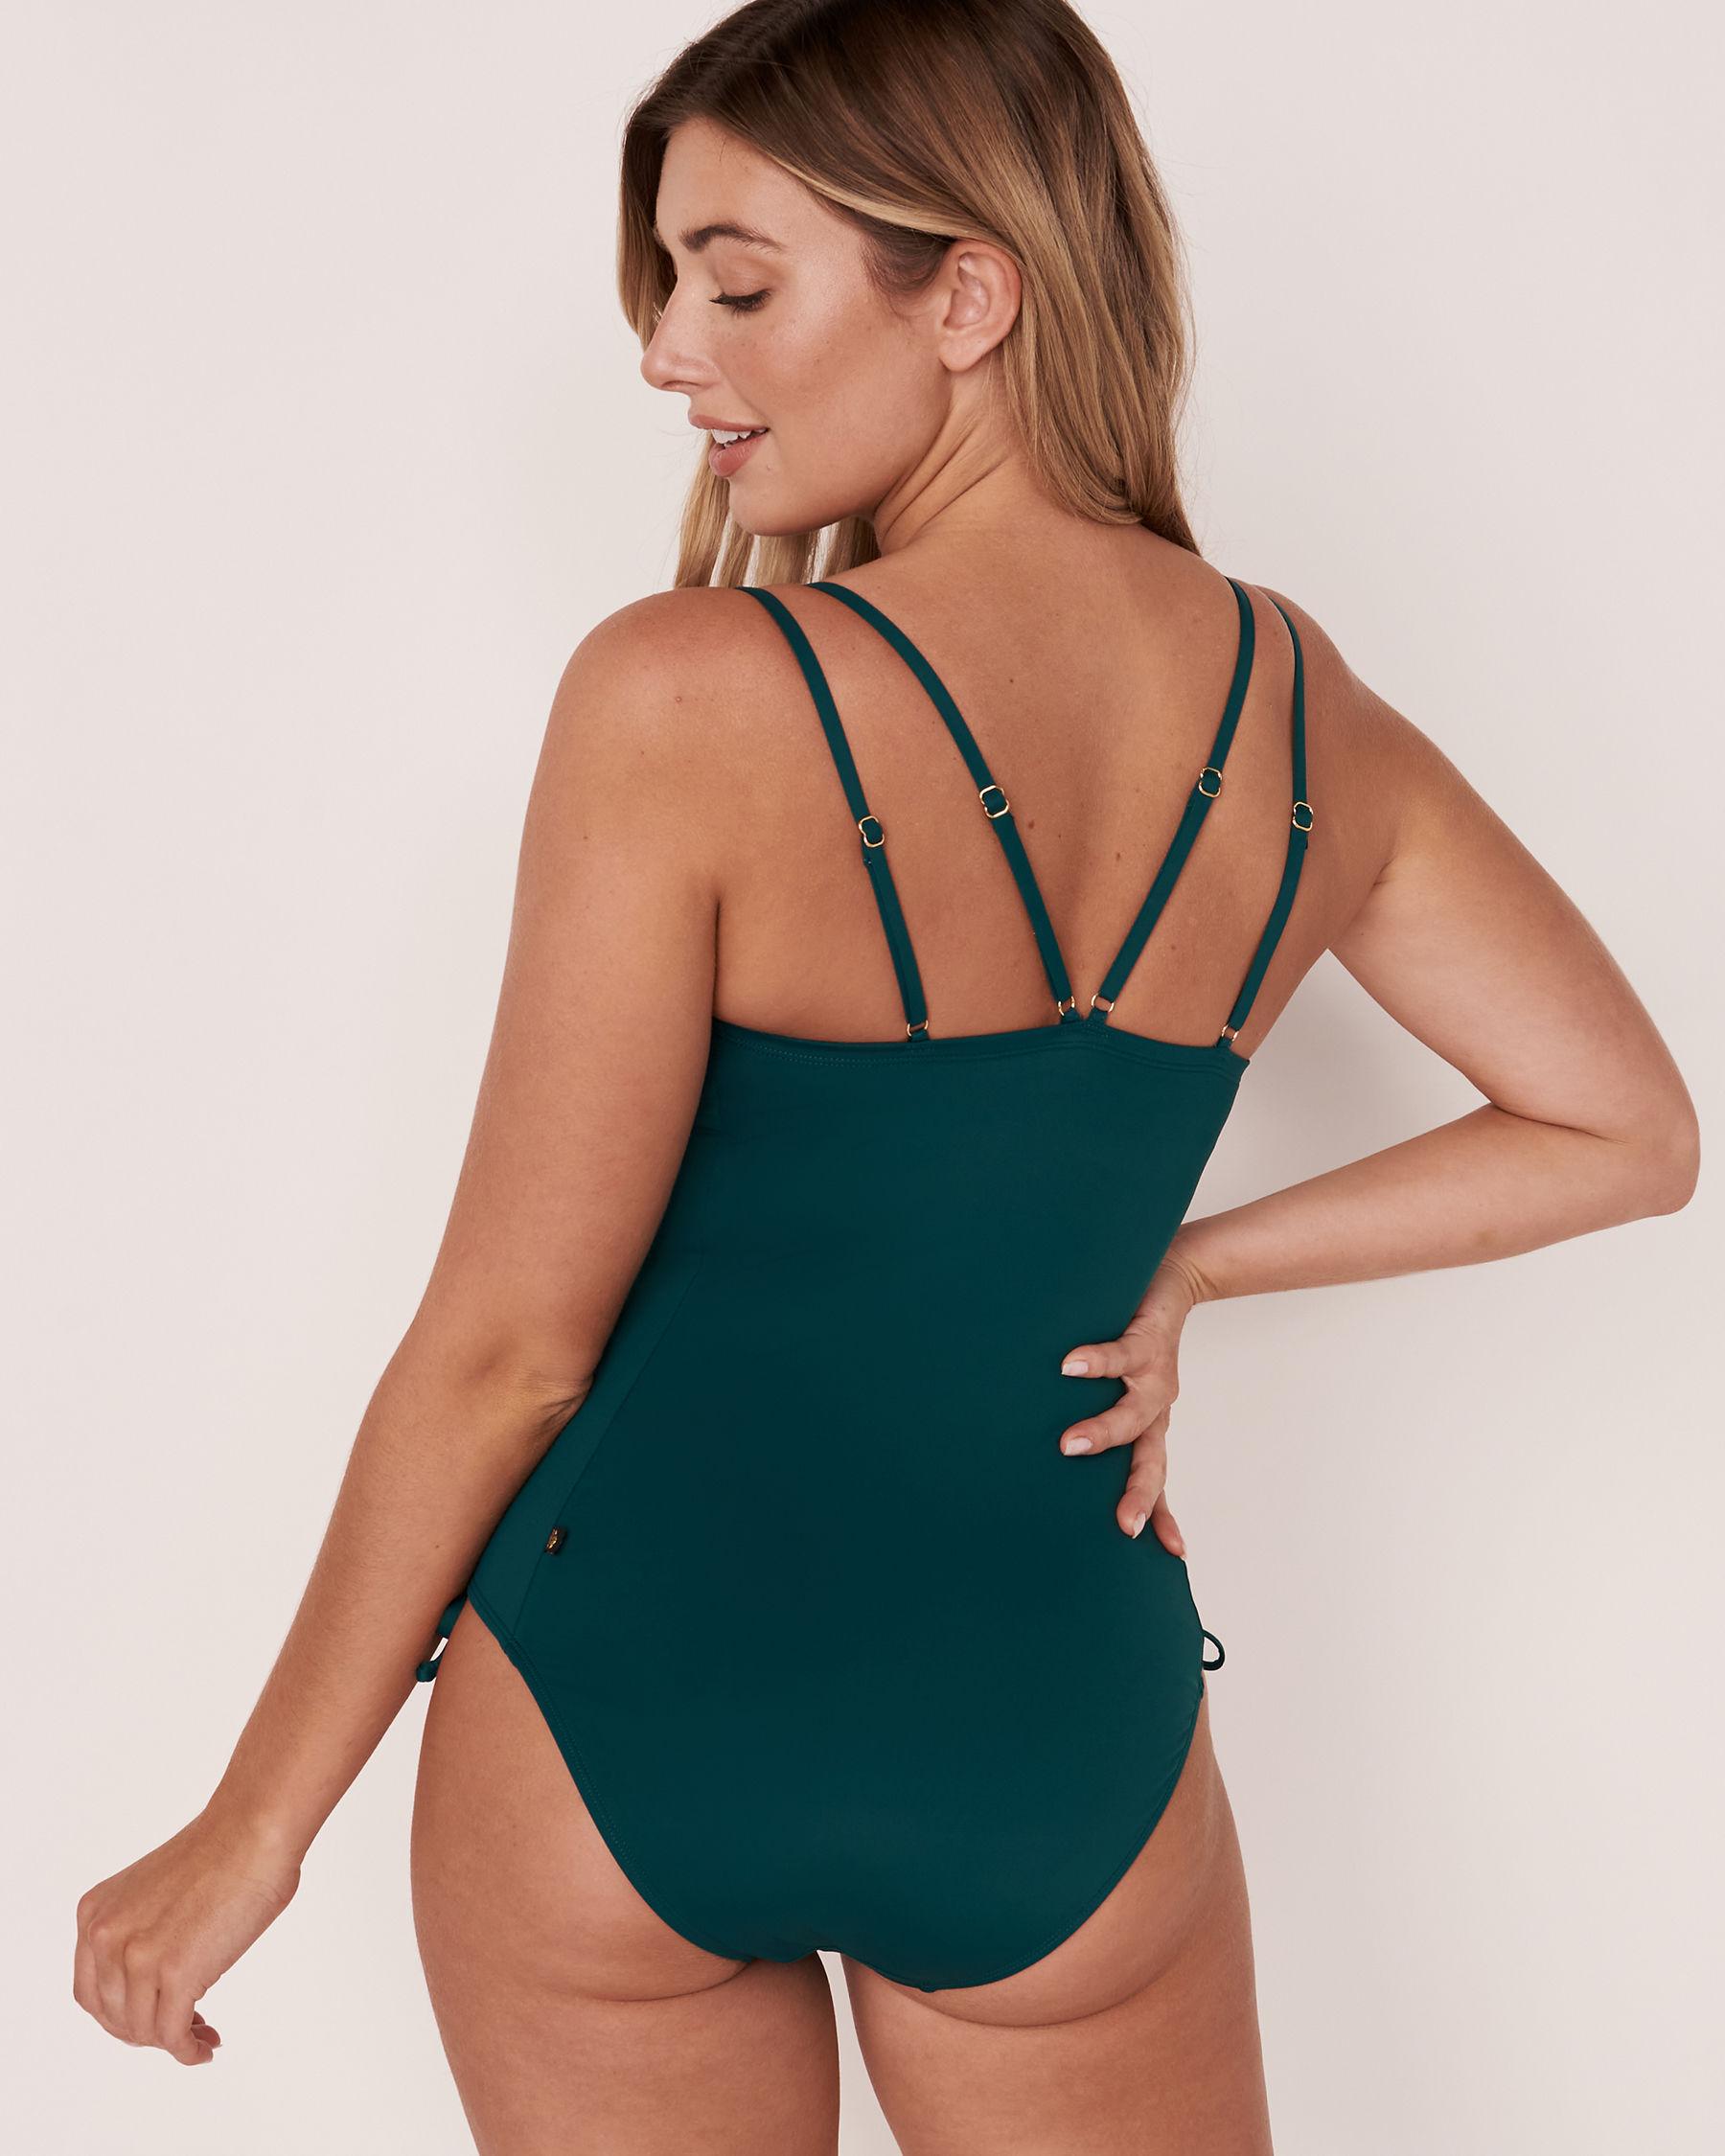 AQUAROSE IVANA Drawstring One-piece Swimsuit Teal 70400014 - View2